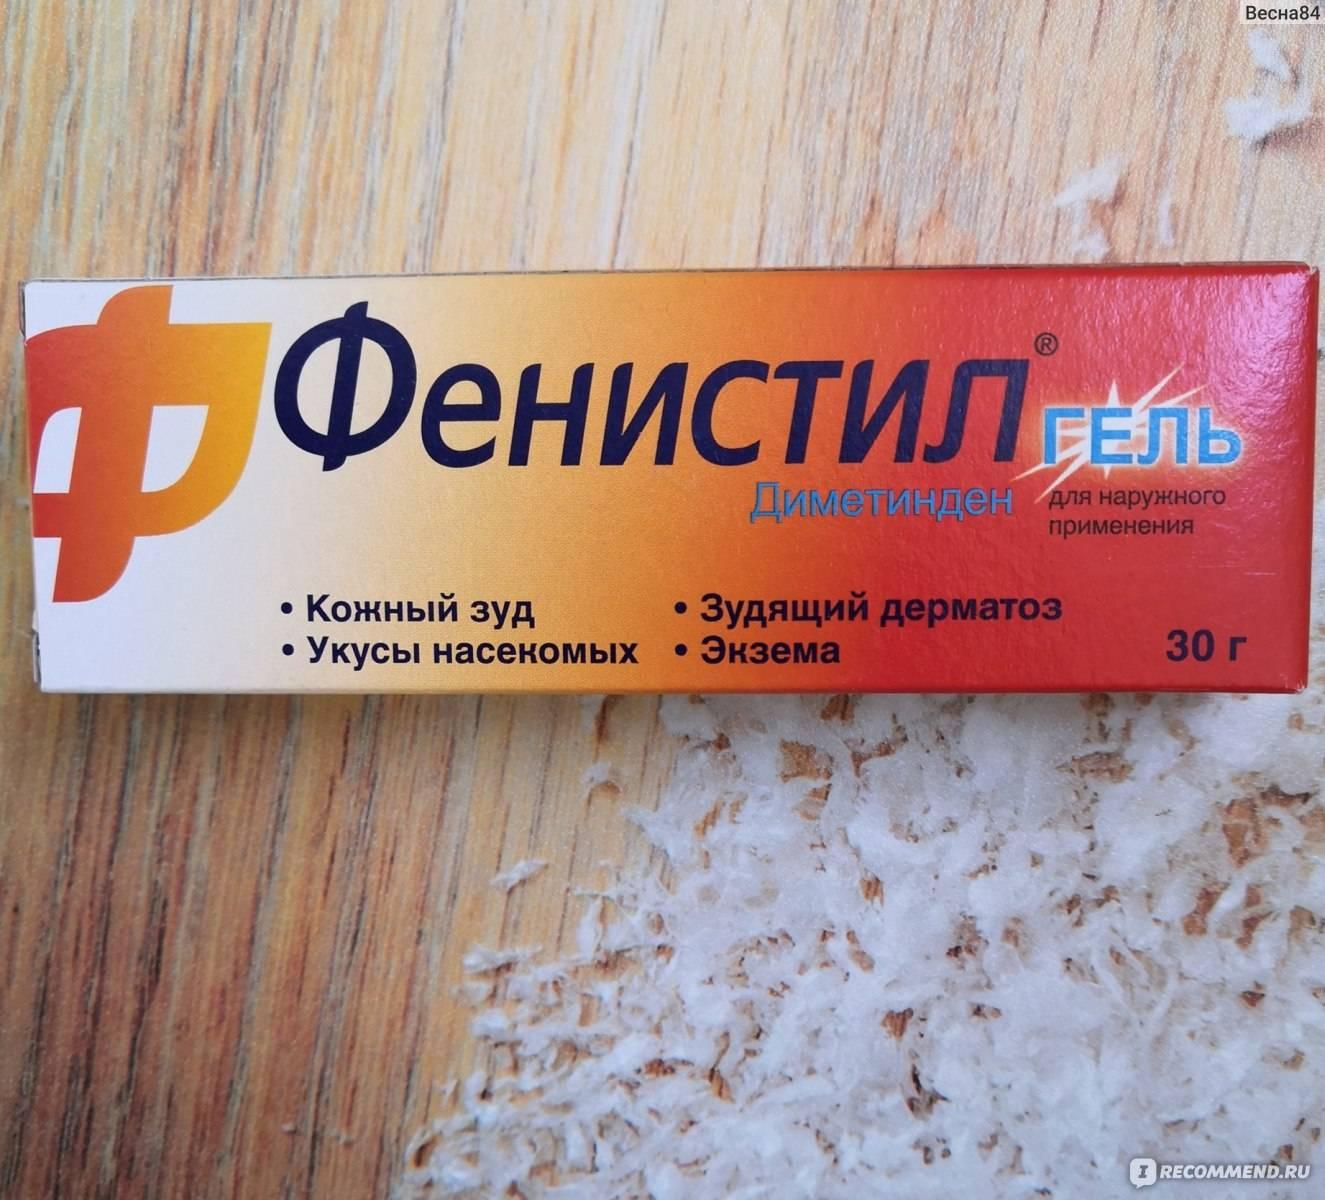 Гель фенистил от укусов комаров. фенистил — эффективное средство после укусов комаров для детей